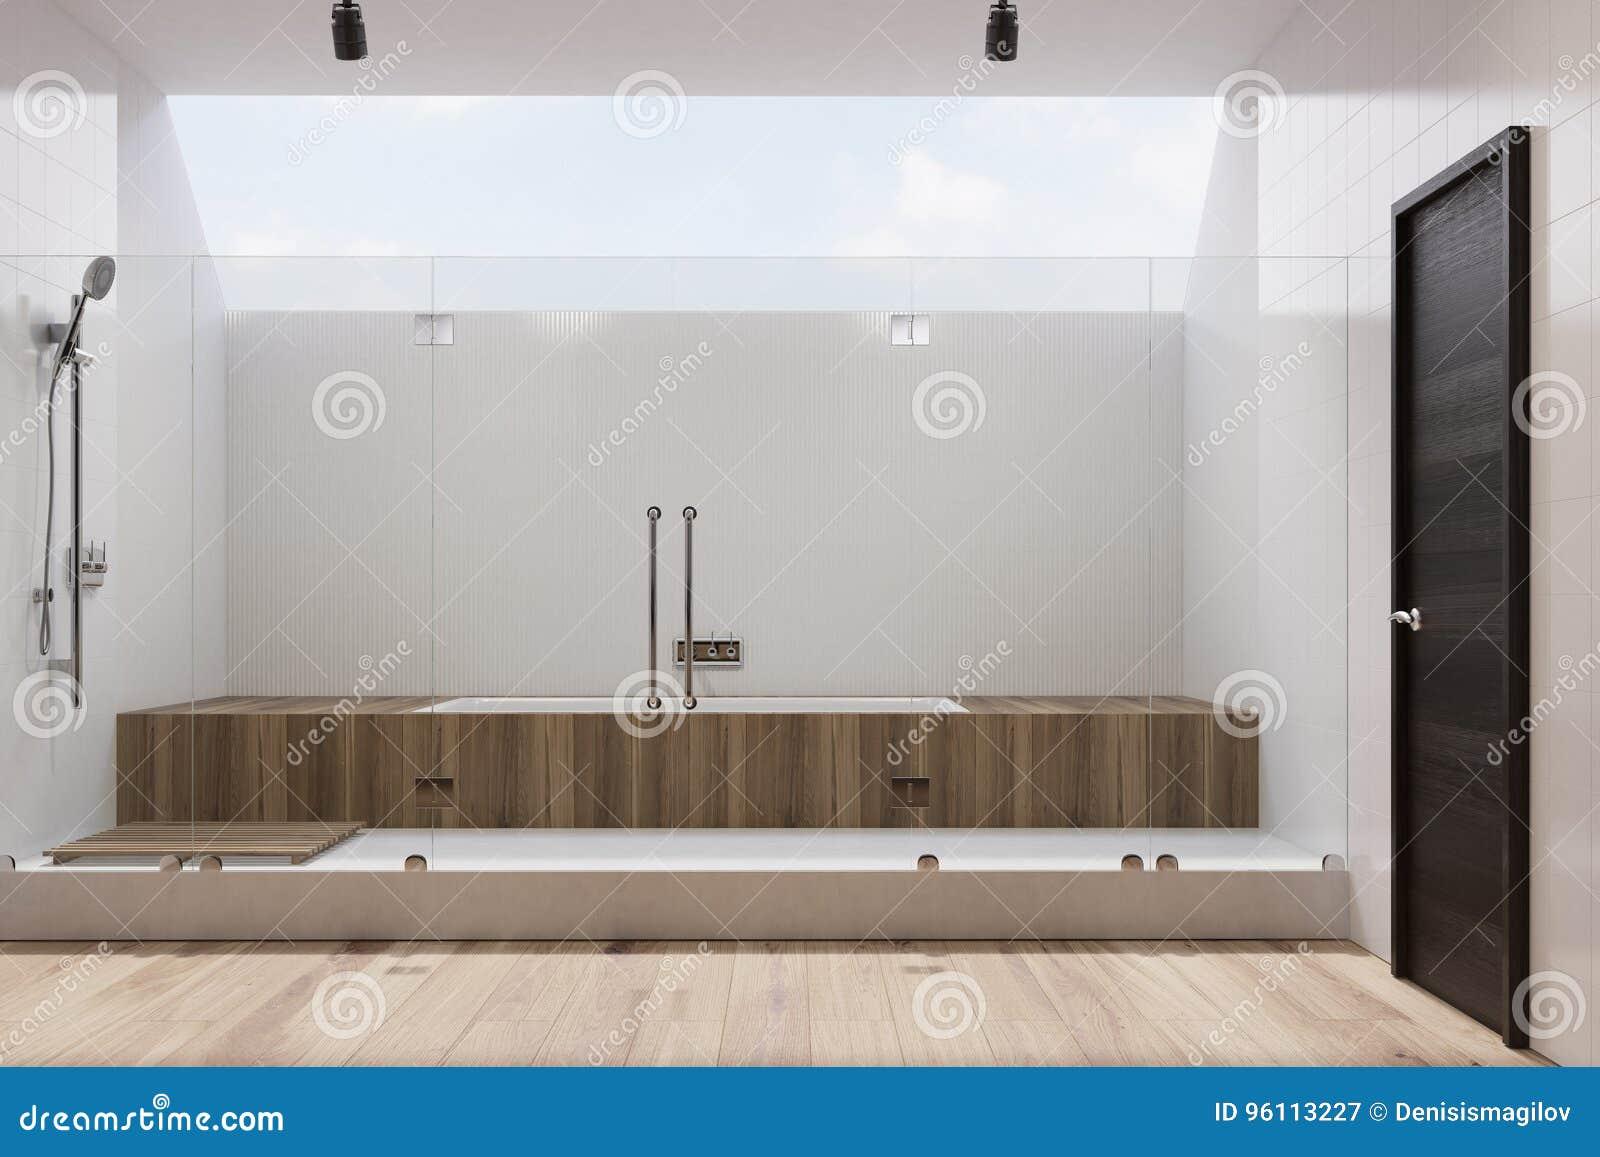 Weißes Badezimmer Innen, Hölzerne Wanne, Dusche Stock Abbildung ...